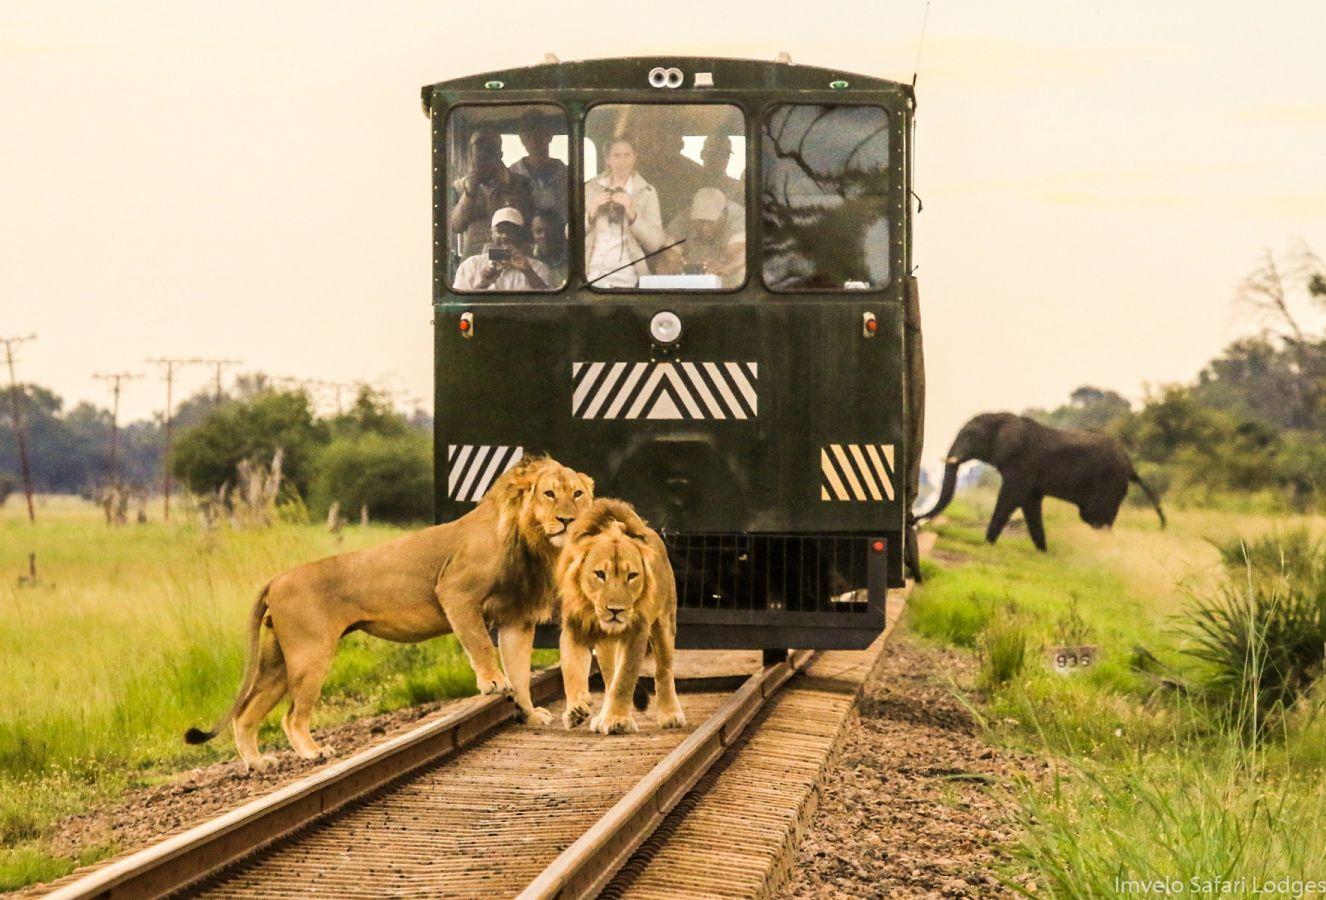 Nostalgische trein waarmee u van of naar de lodge reist. De spoorlijk vormt de grens van Hwange NP. Grote kans dat u wild spot onderweg!